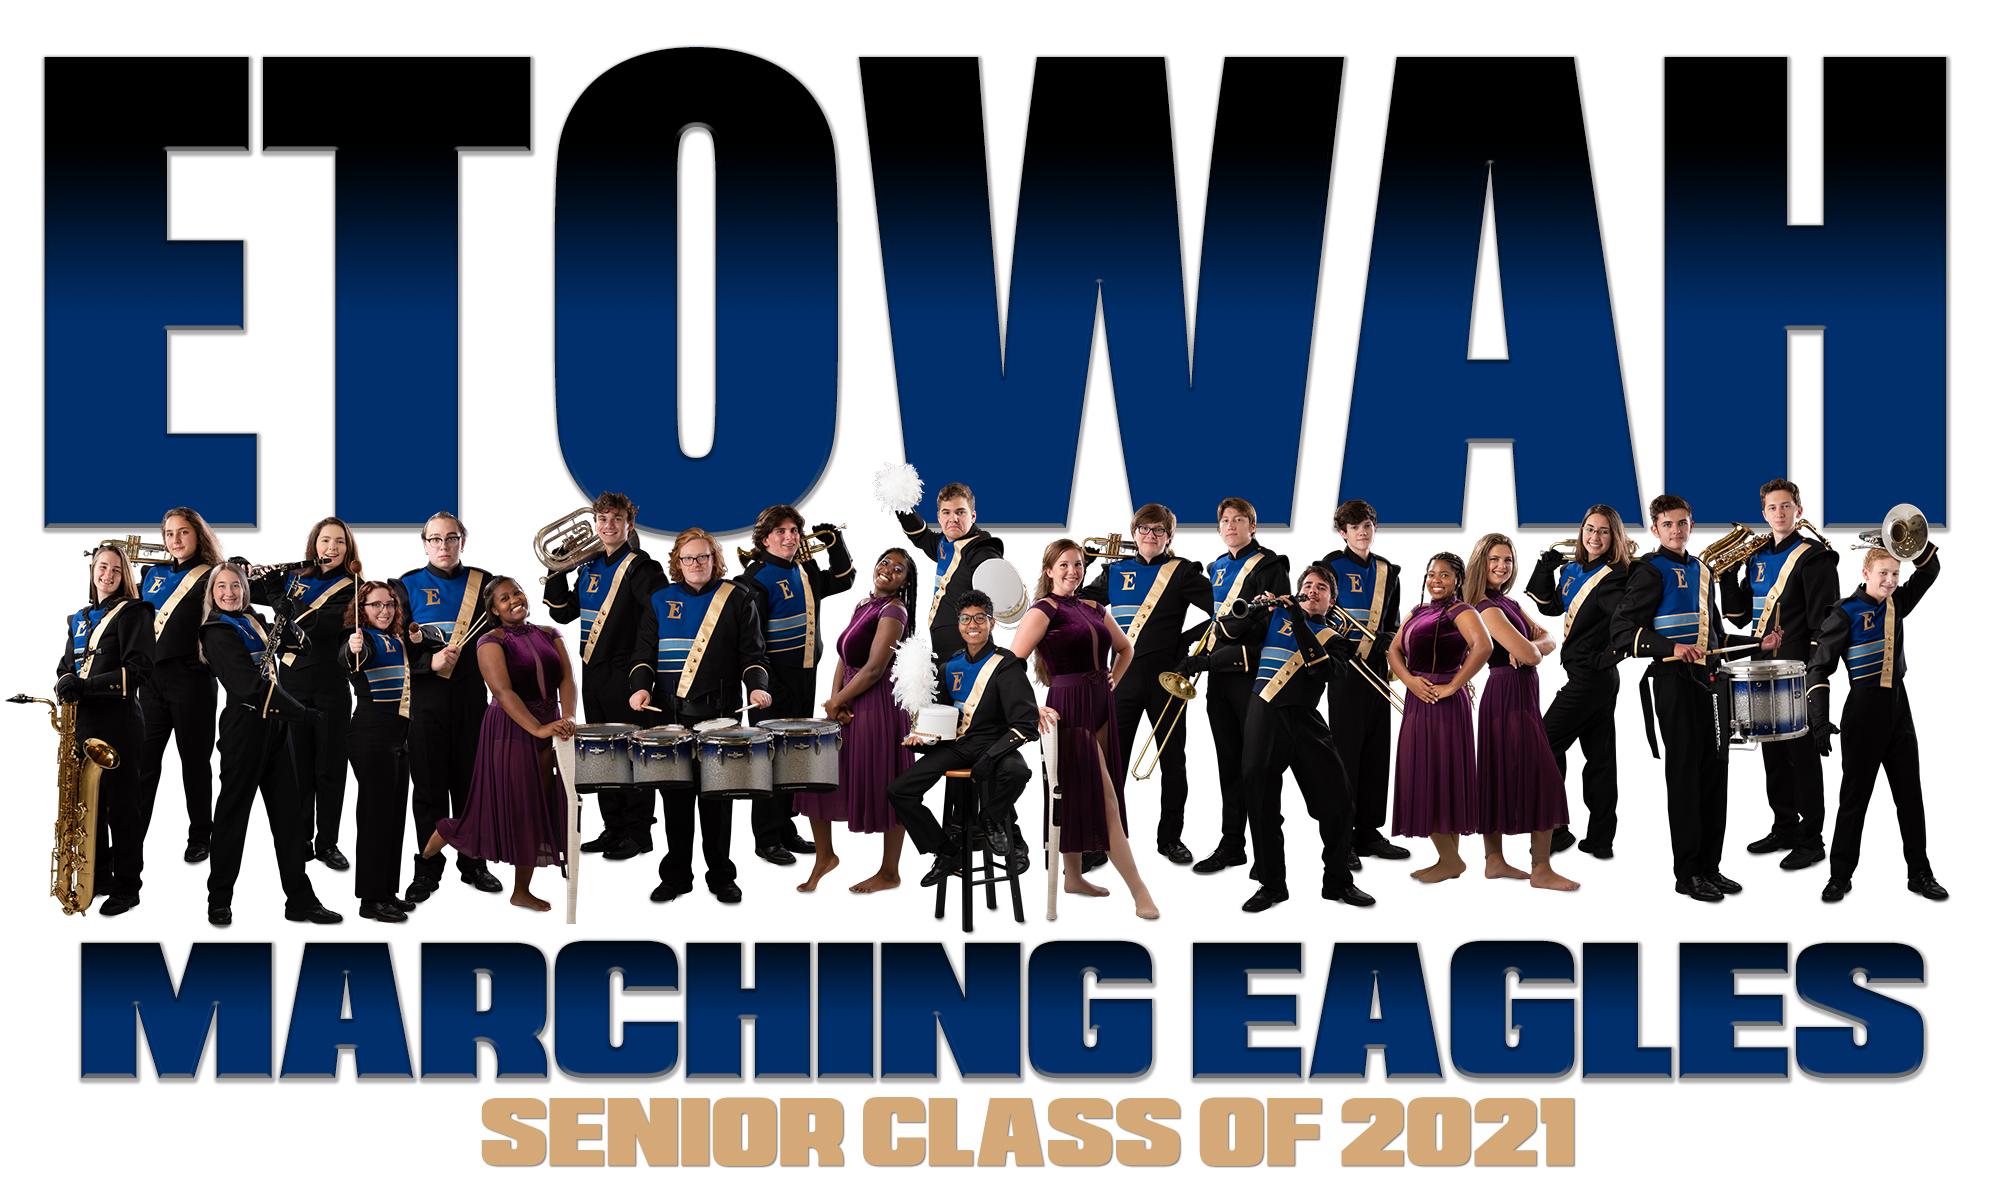 Etowah Eagle Band